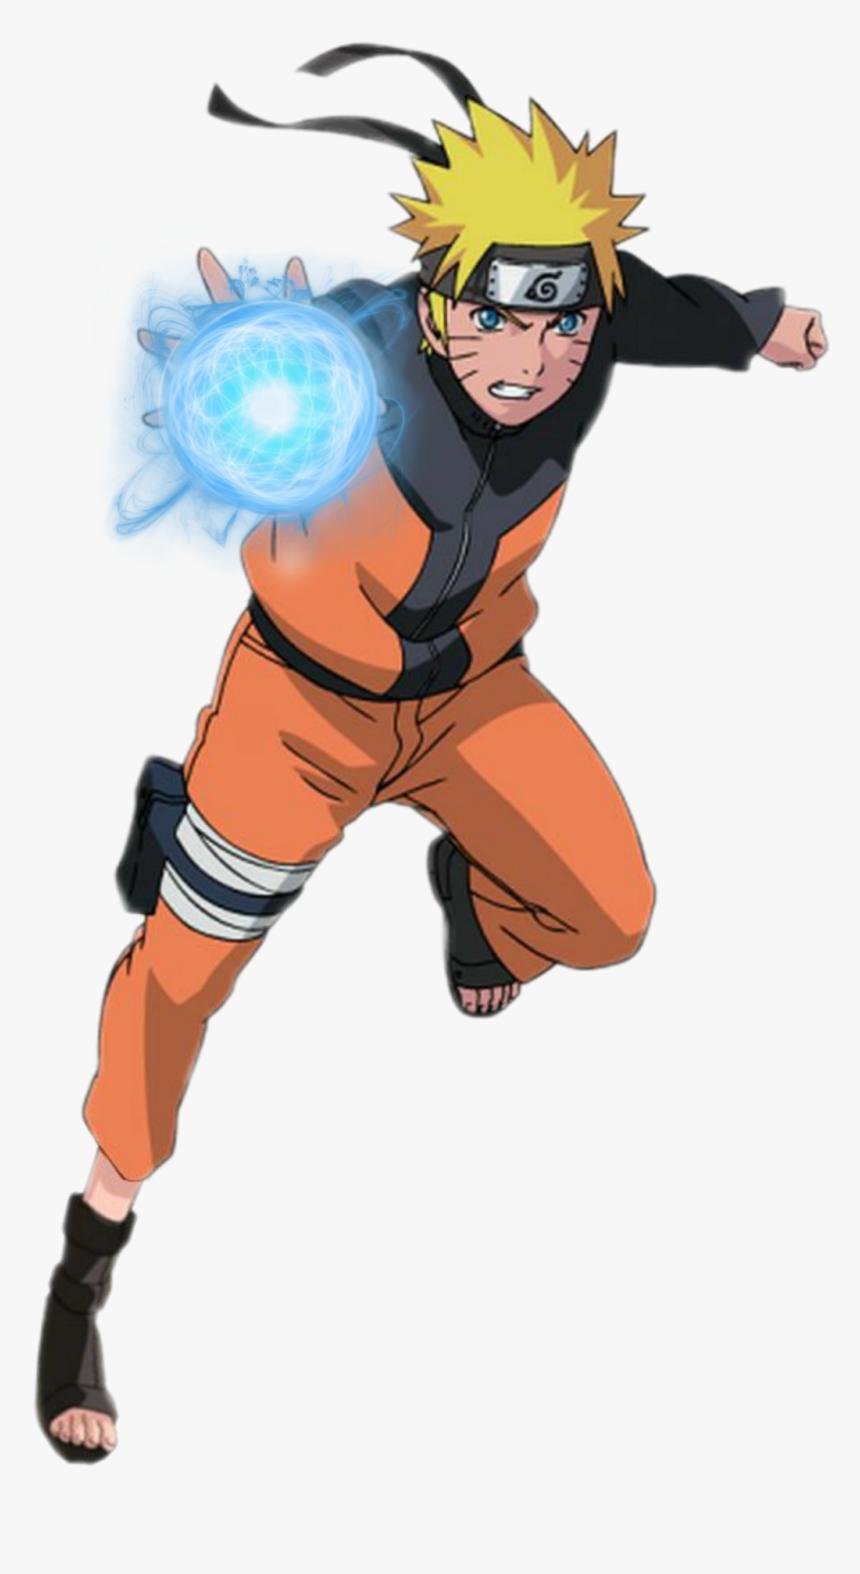 Naruto Shippuden Naruto Png Transparent Png Transparent Png Image Pngitem